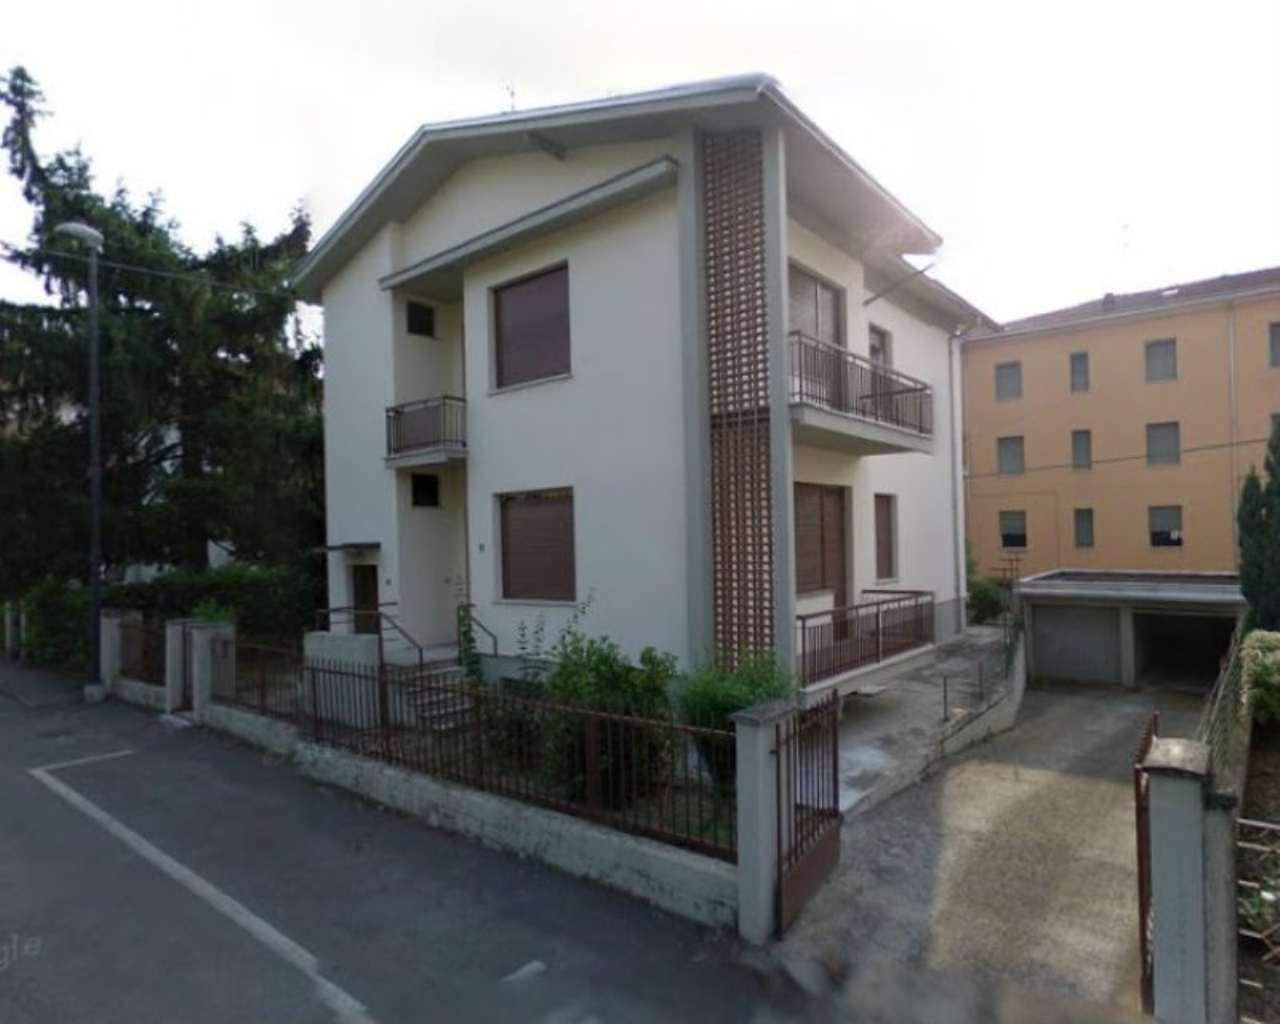 Villa Bifamiliare in vendita a Noceto, 6 locali, prezzo € 269.000 | Cambio Casa.it